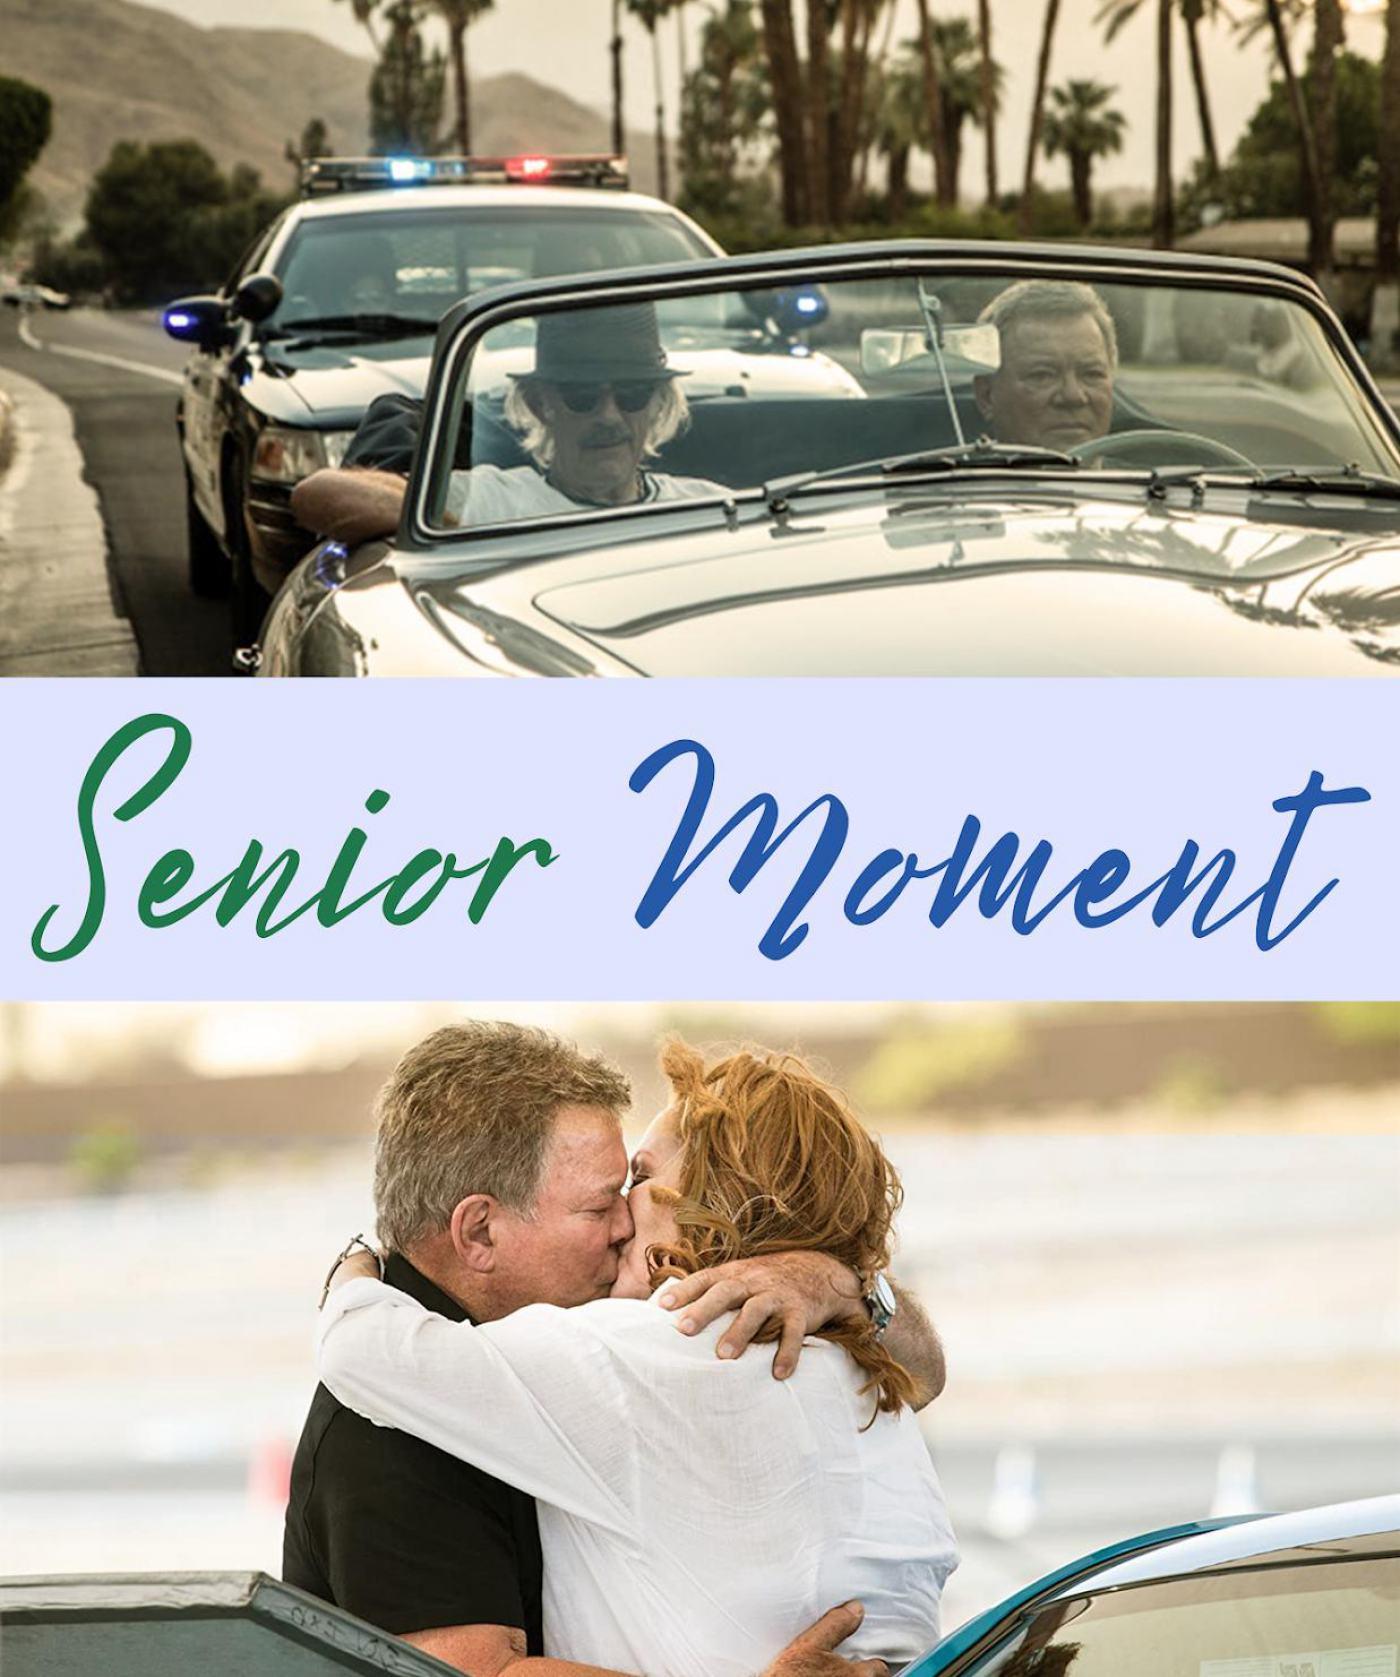 Senior Moment Poster #1